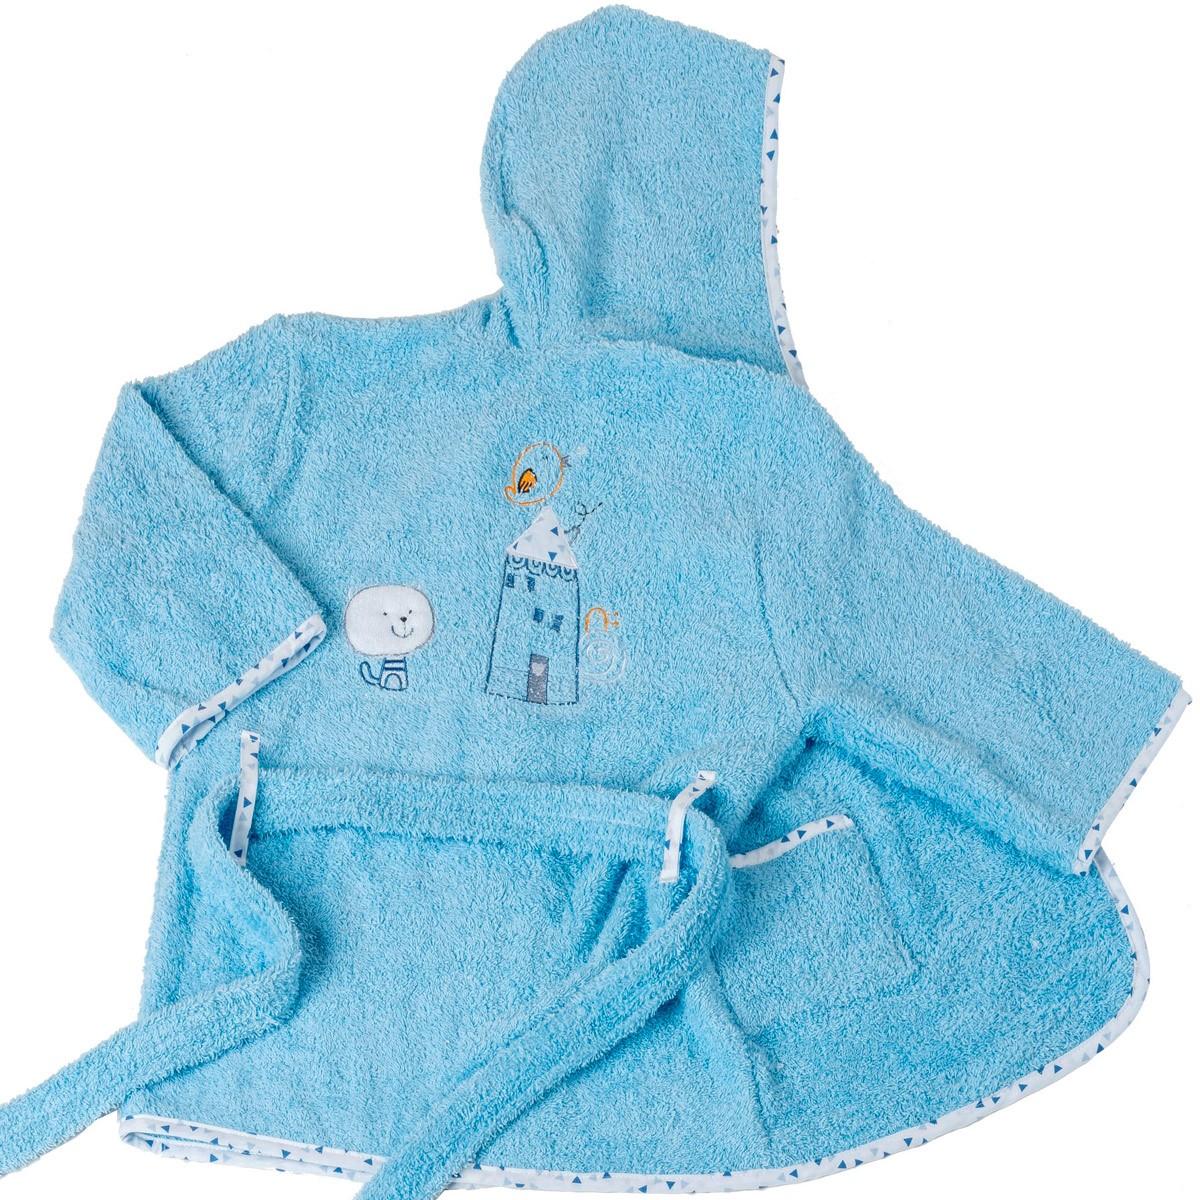 Βρεφικό Μπουρνούζι Κόσμος Του Μωρού Home 4100 Σιέλ Νο4 Νο4